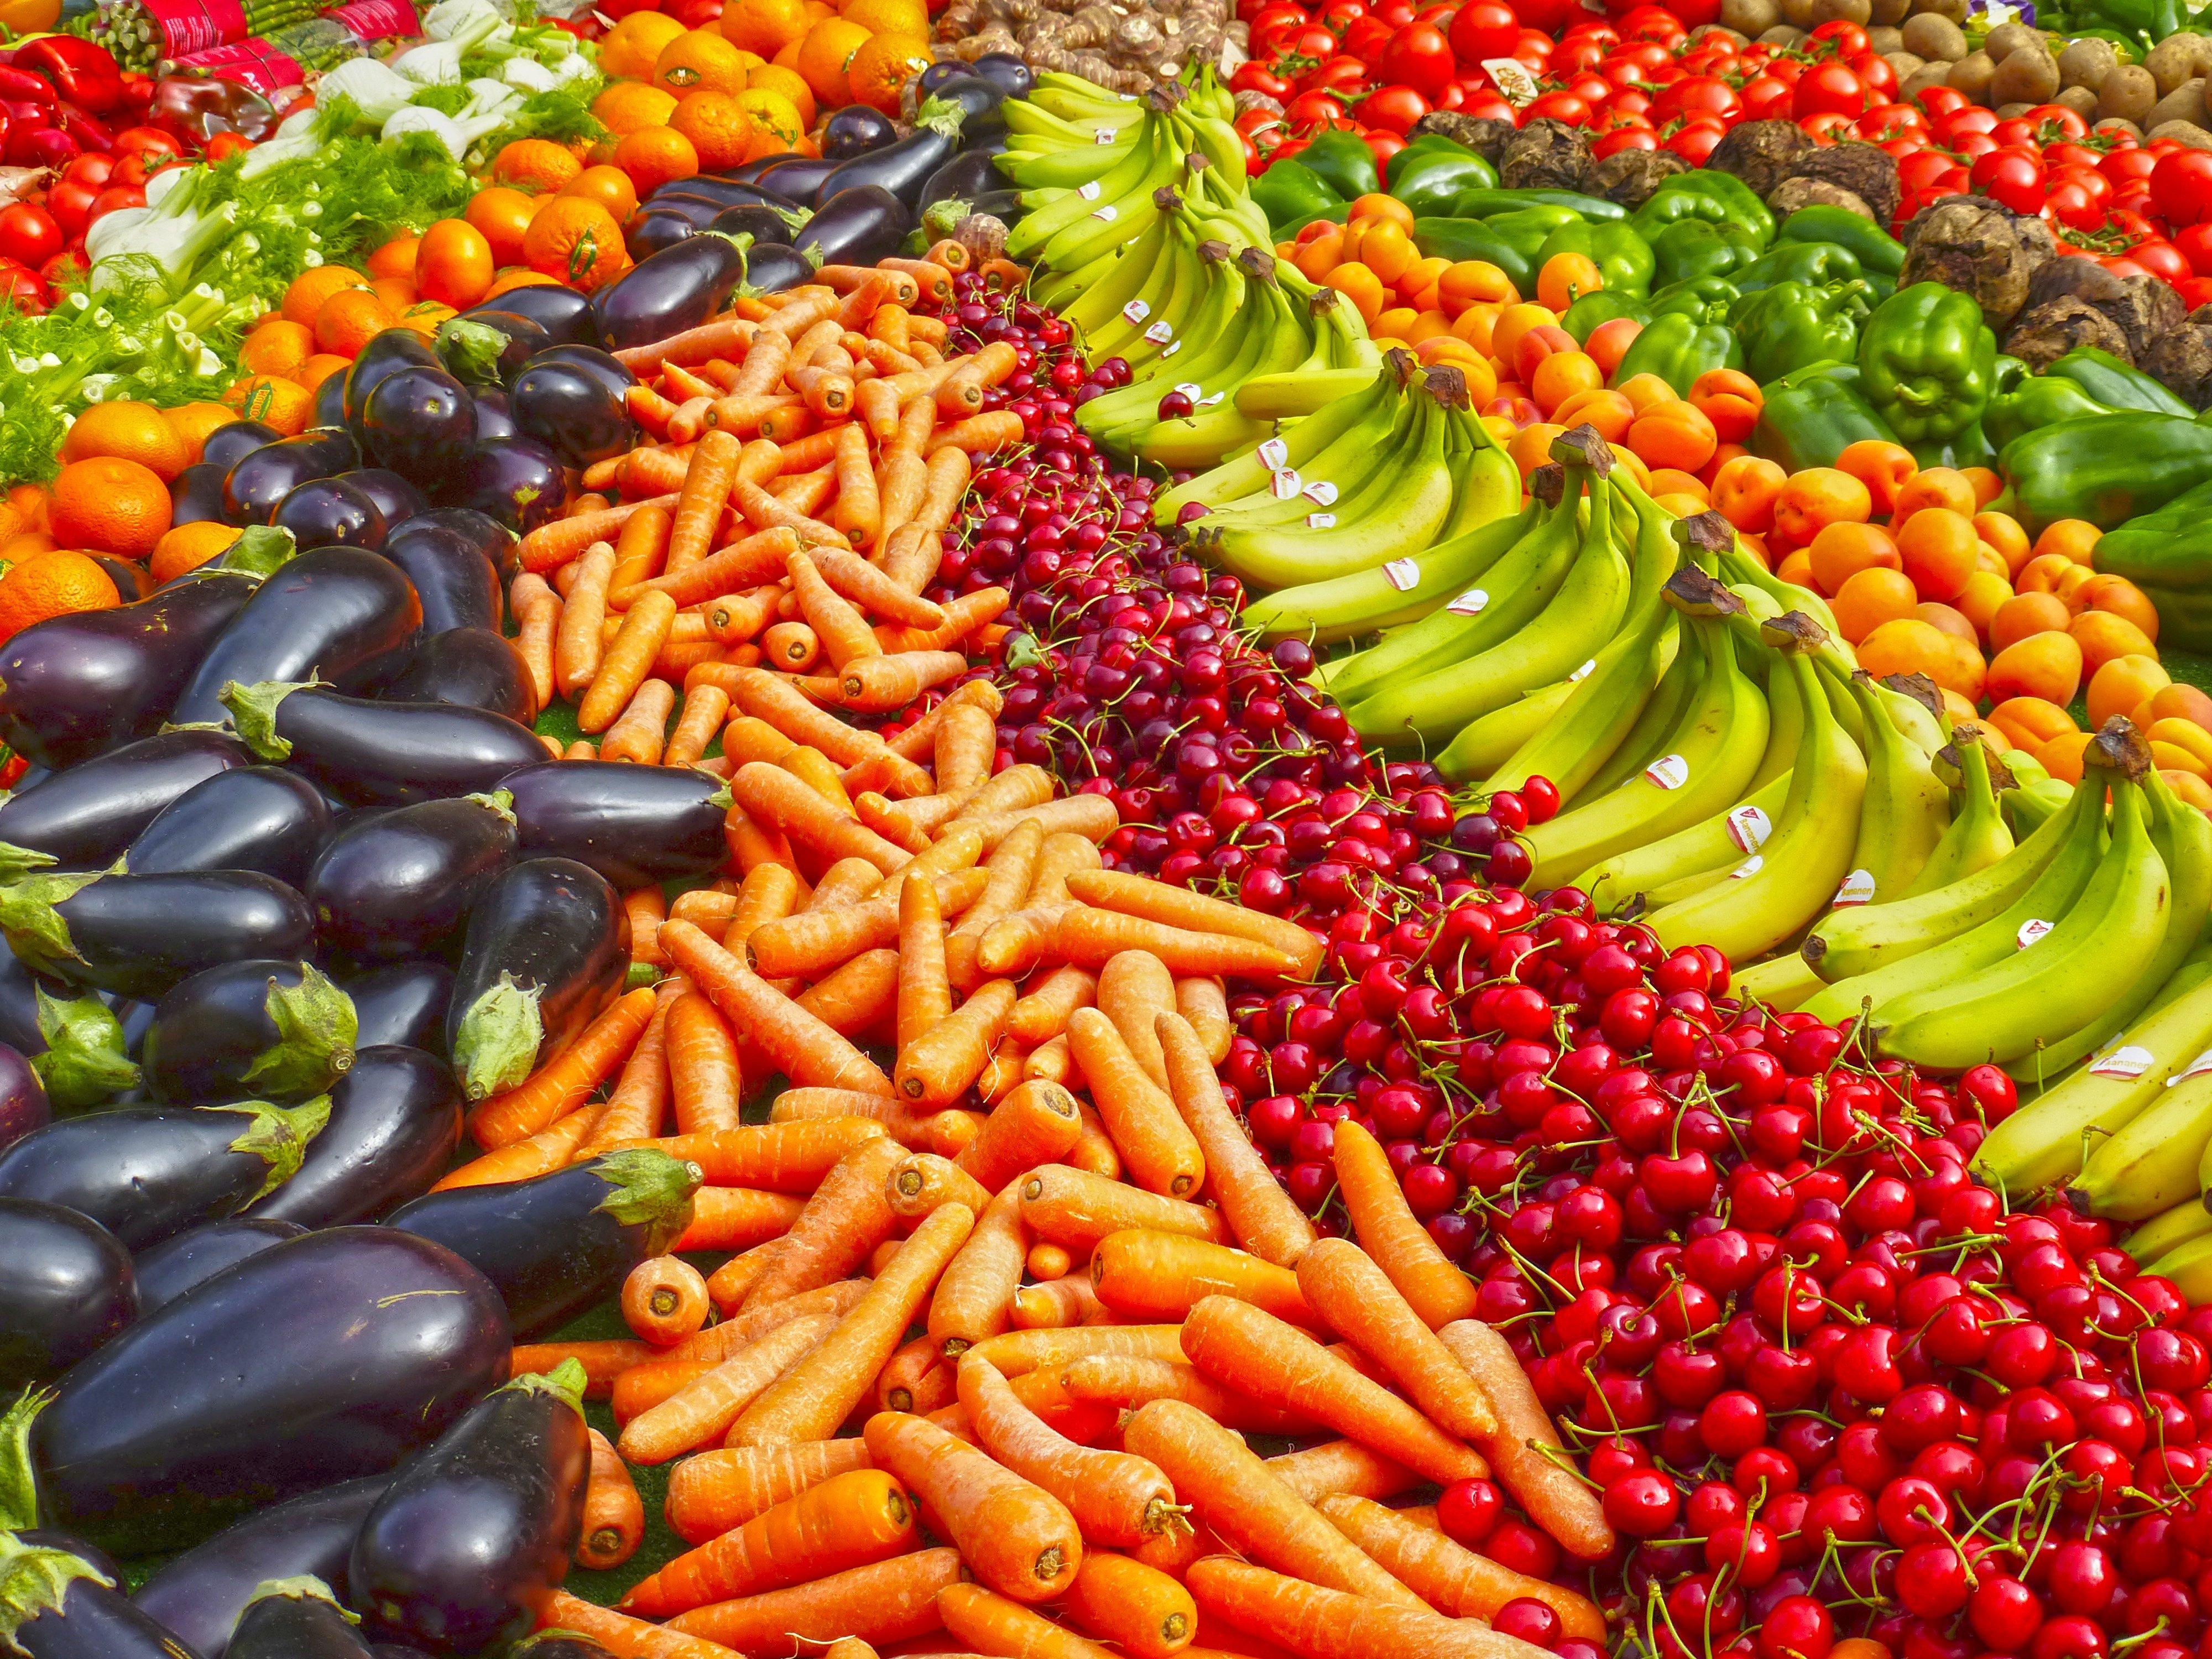 Científicos de la UGR participan en un proyecto europeo para producir alimentos más saludables